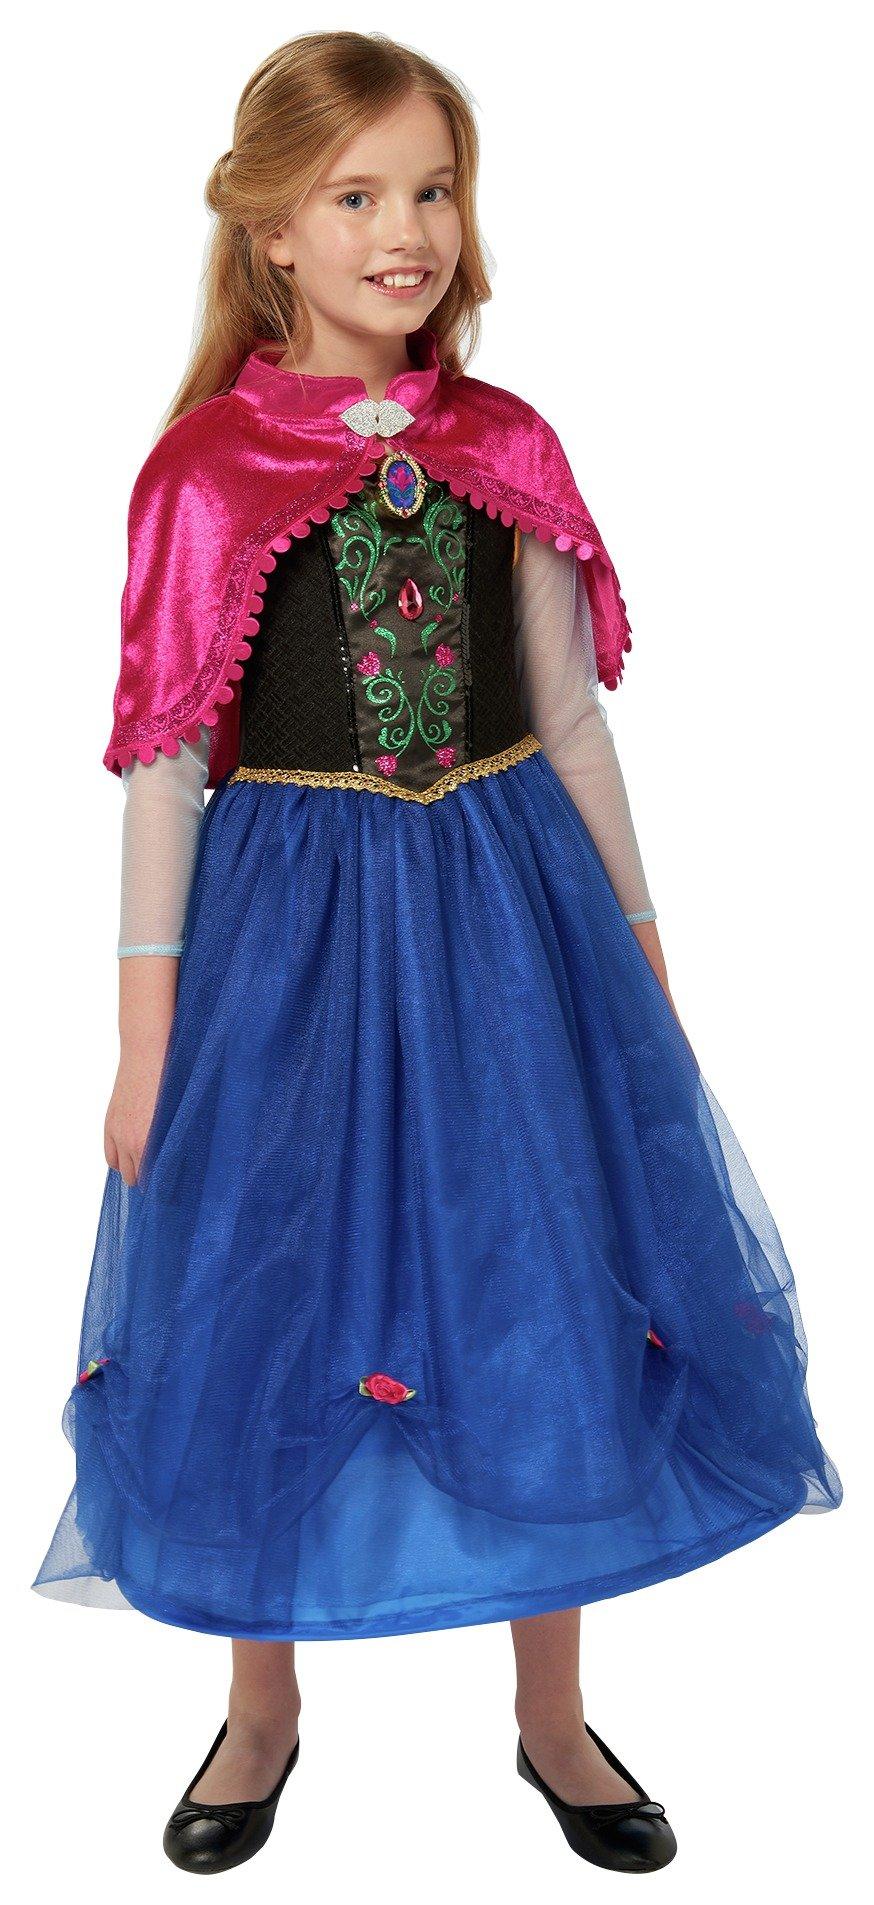 disney-frozen-anna-fancy-dress-costume-3-4-years